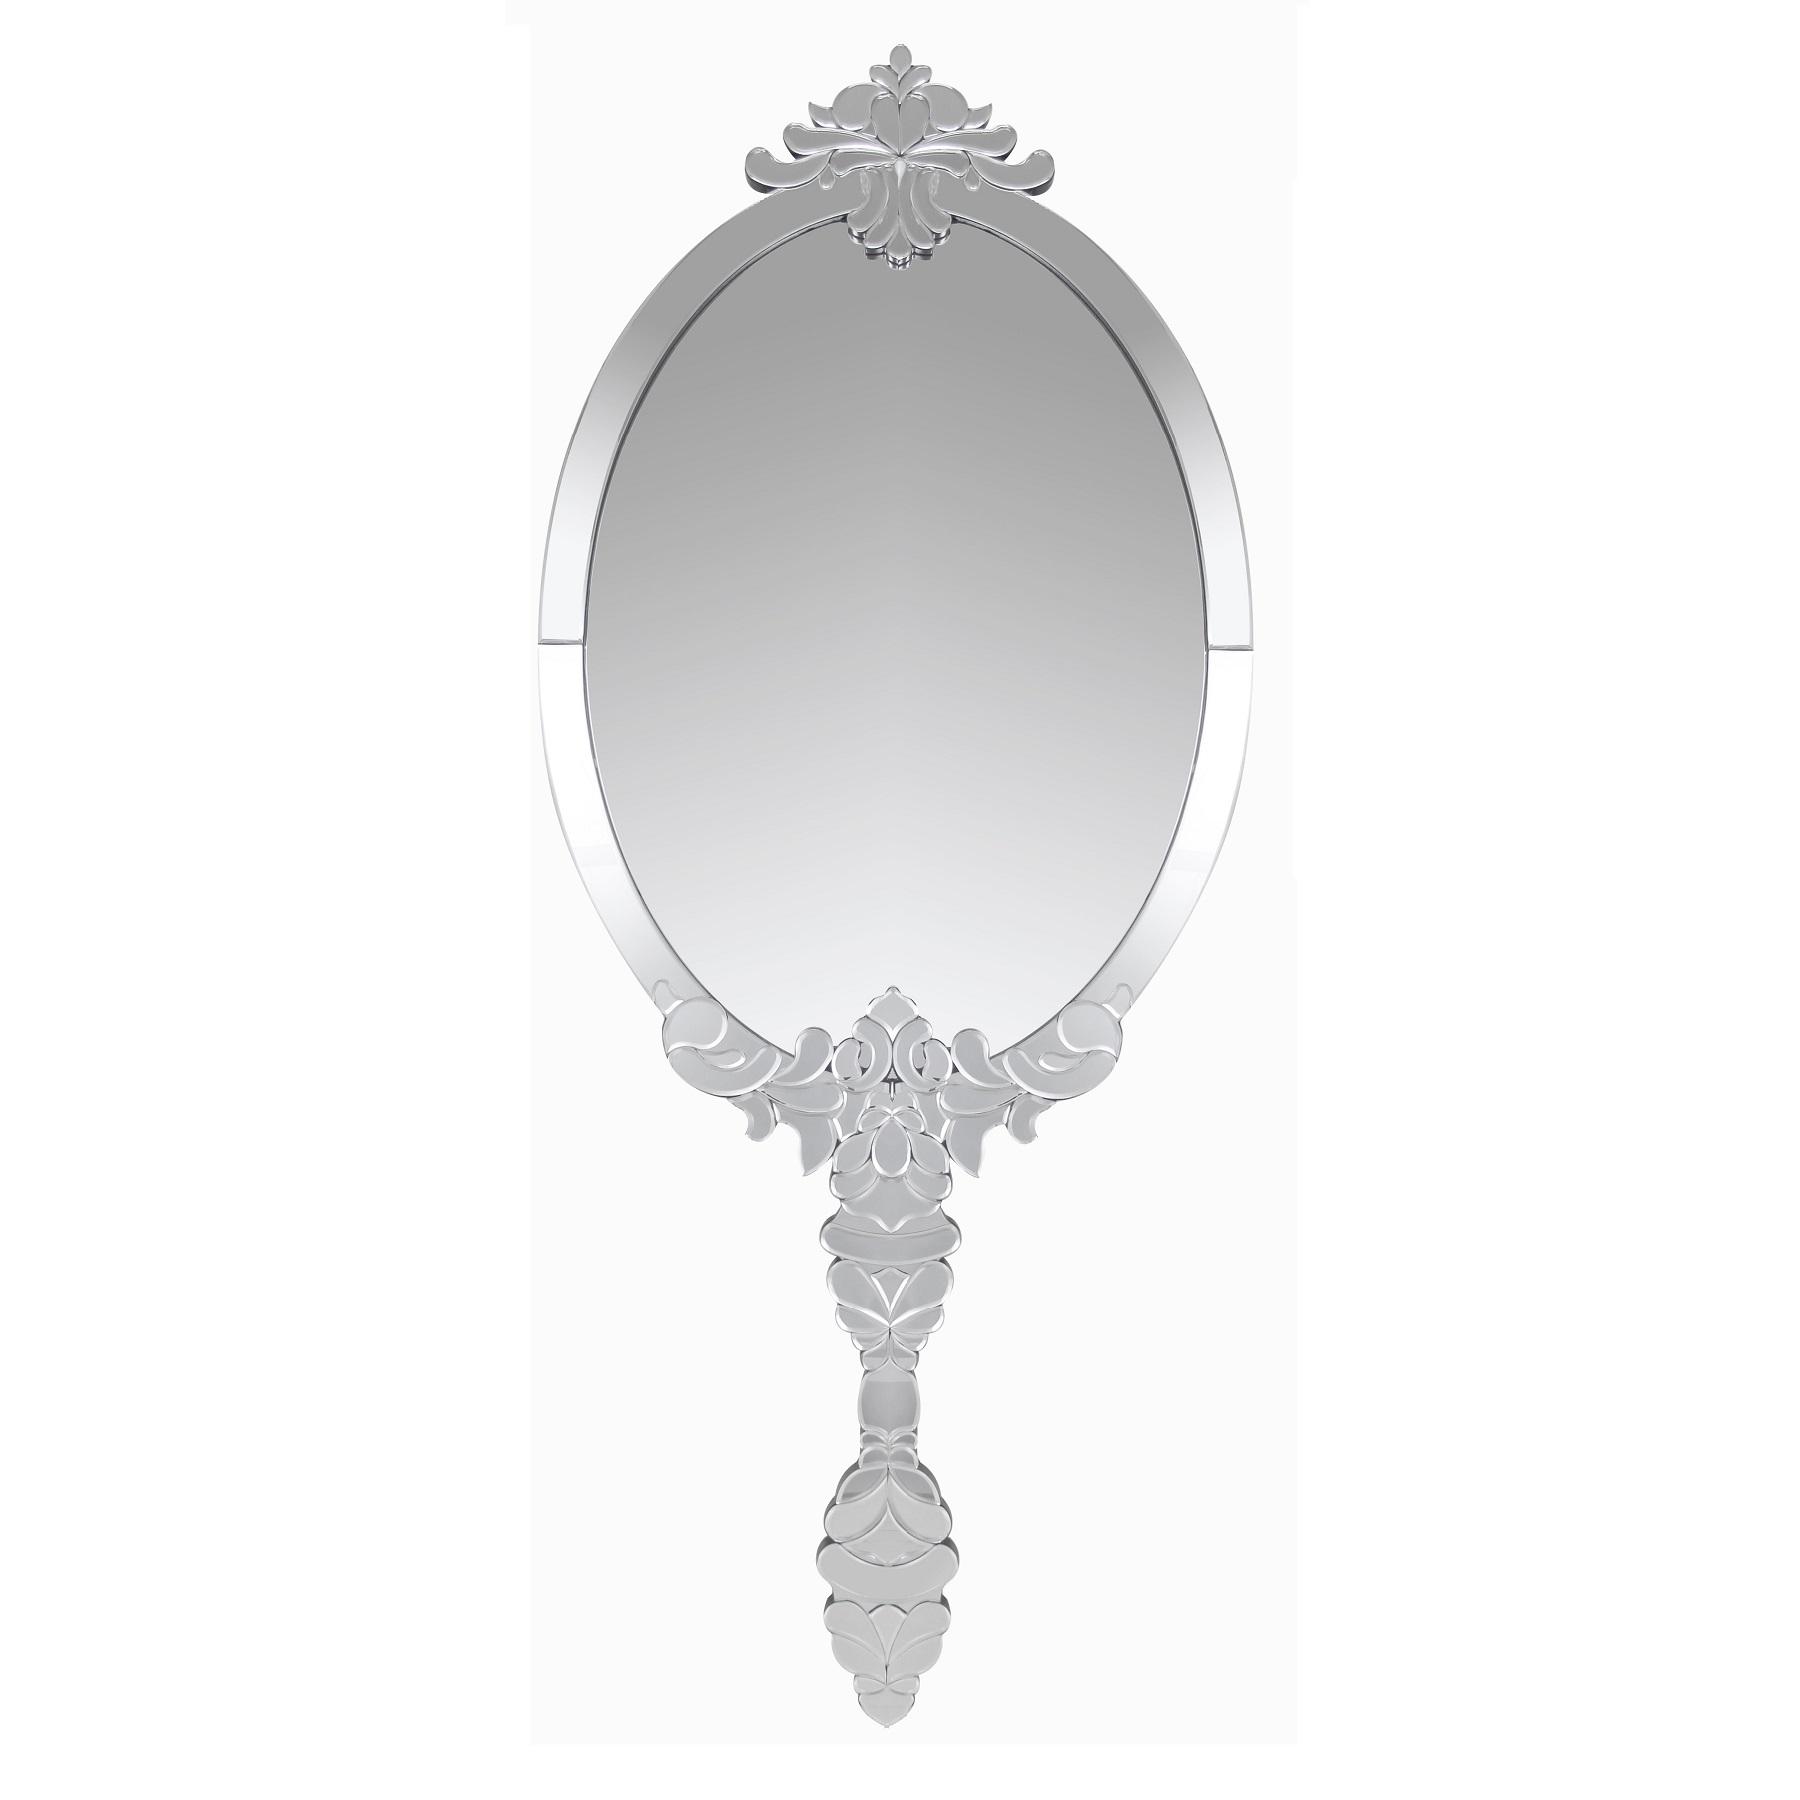 Купить Настенное зеркало Principessa, inmyroom, Китай